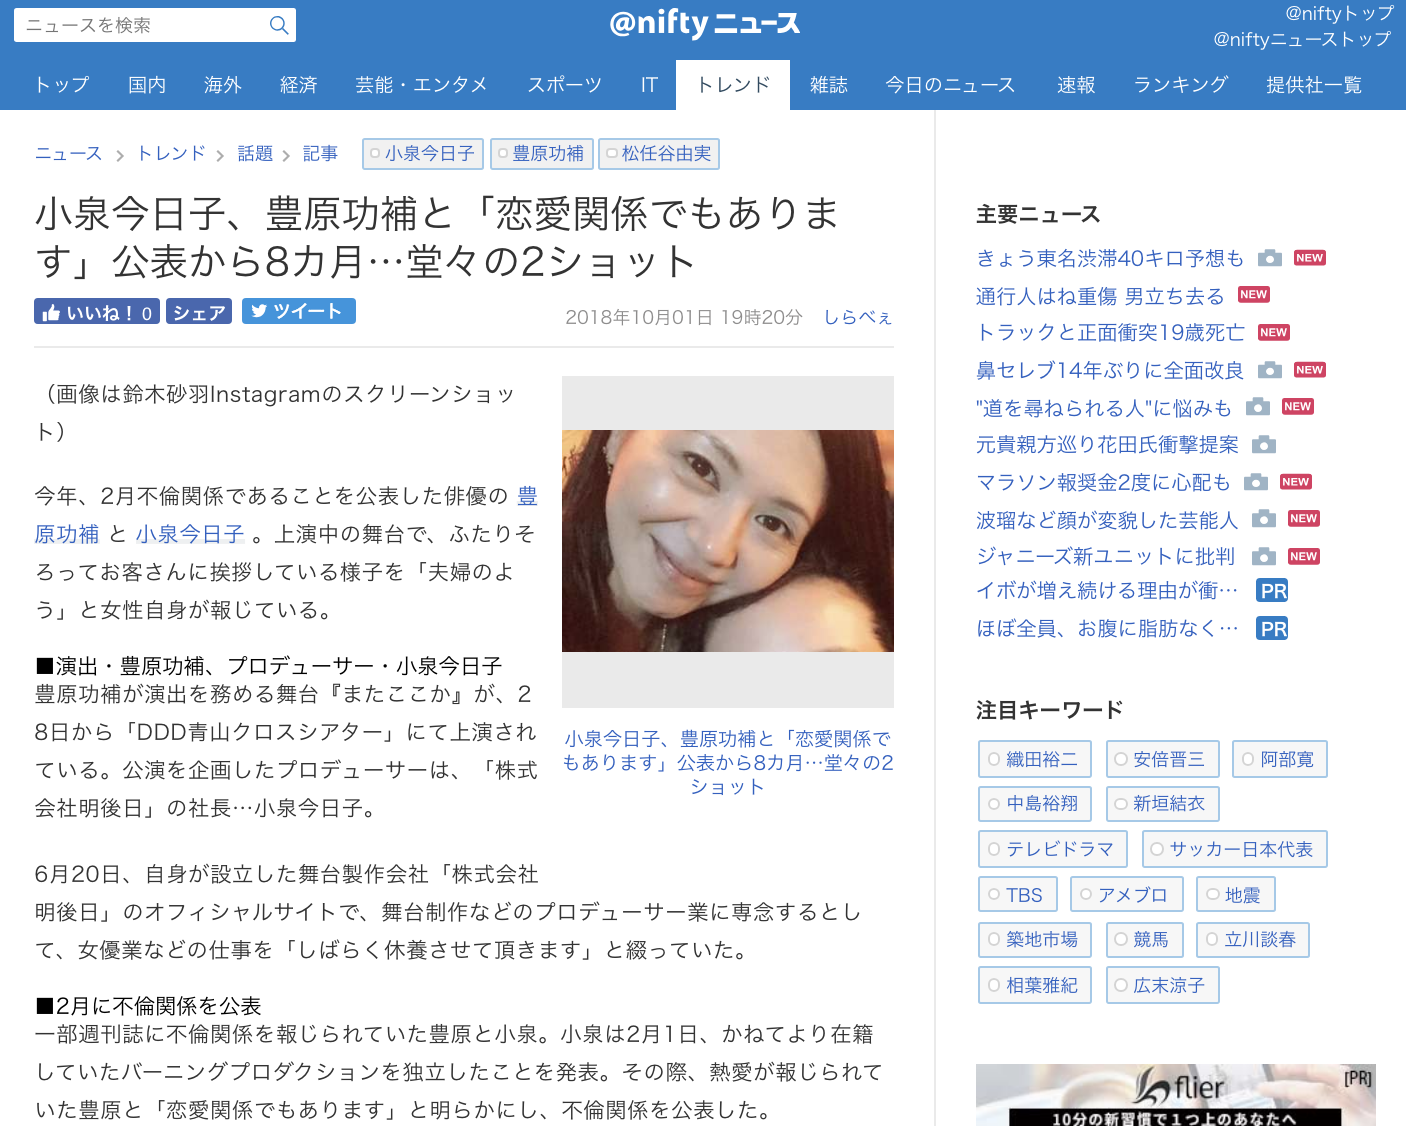 小泉今日子、豊原功補と「恋愛関係でもあります」公表から8カ月…堂々の2ショット